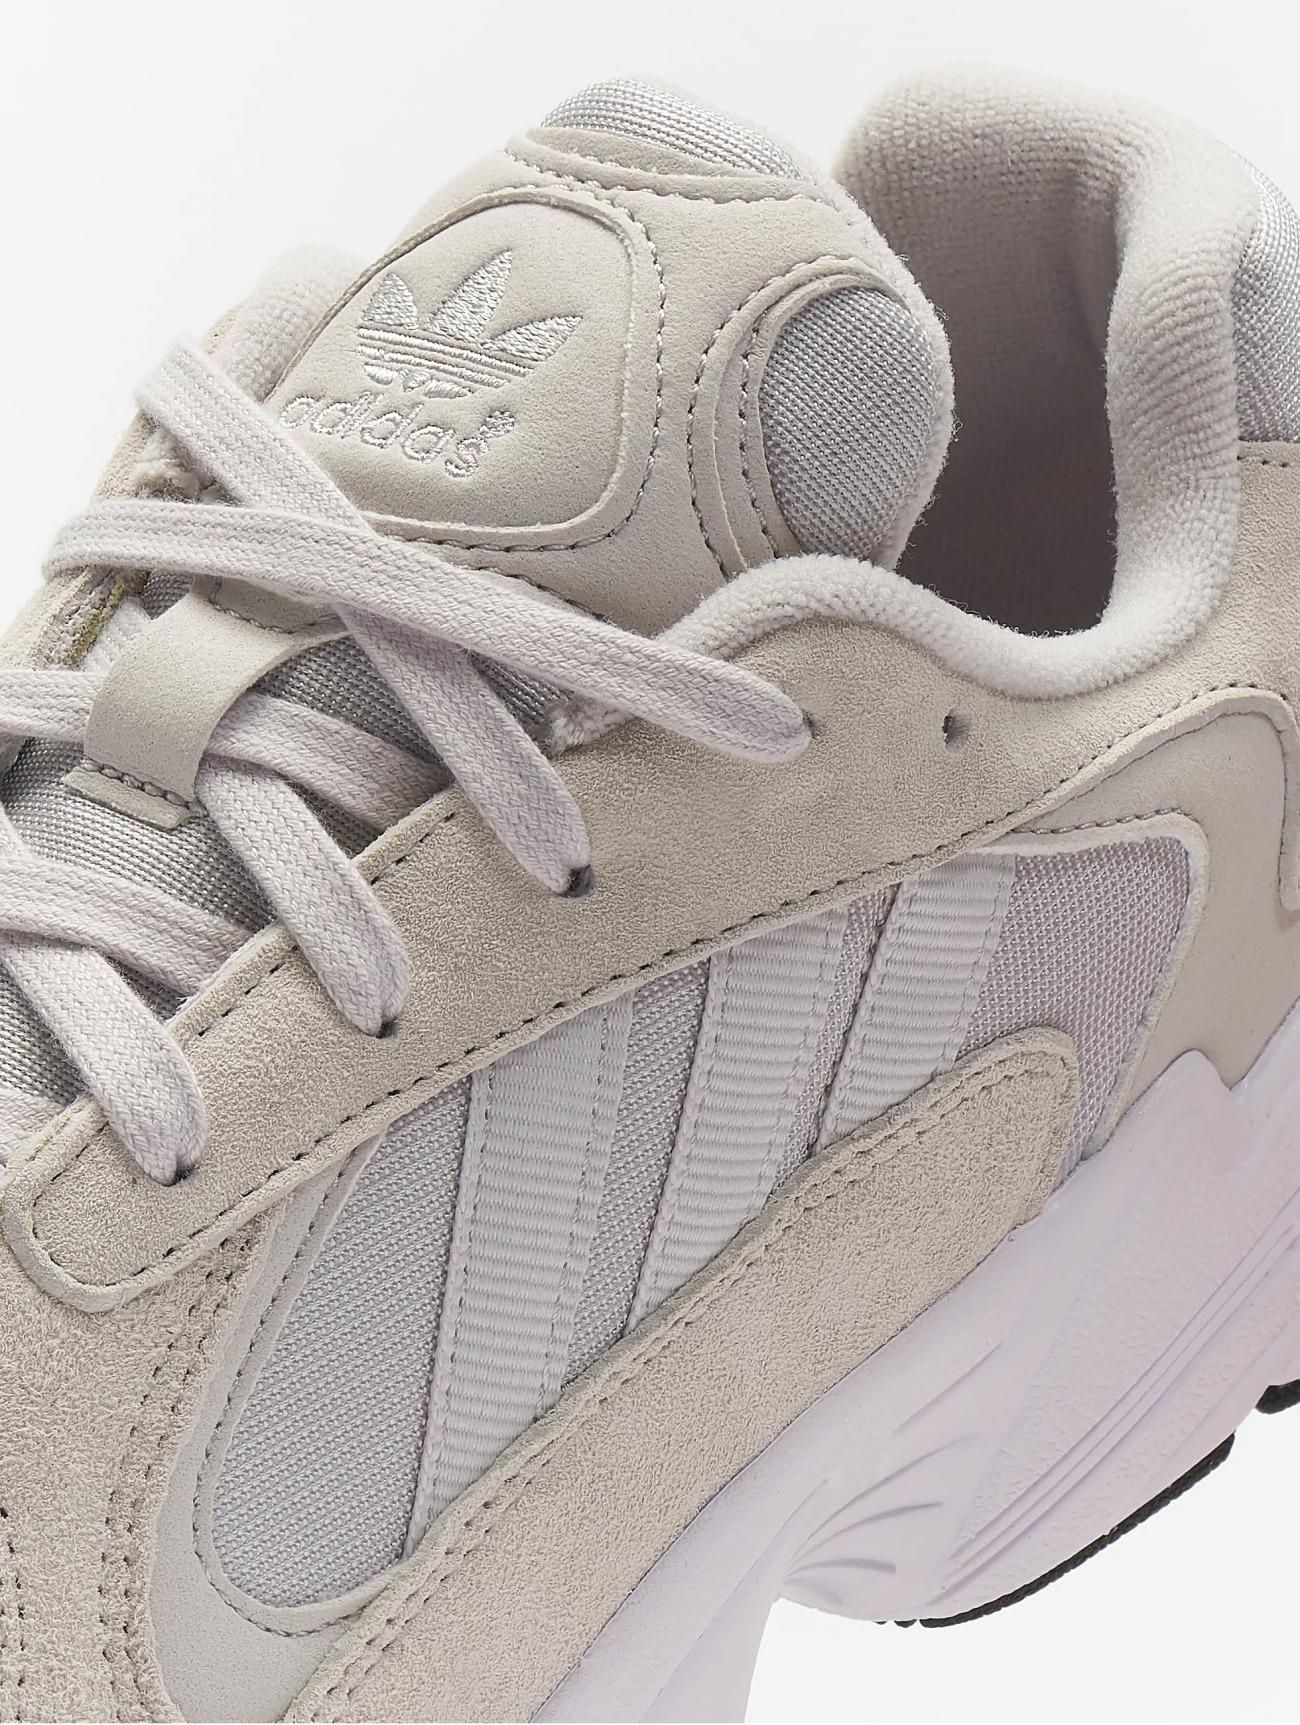 adidas Originals Yung-1 beige Homme Baskets 671531 Homme Chaussures